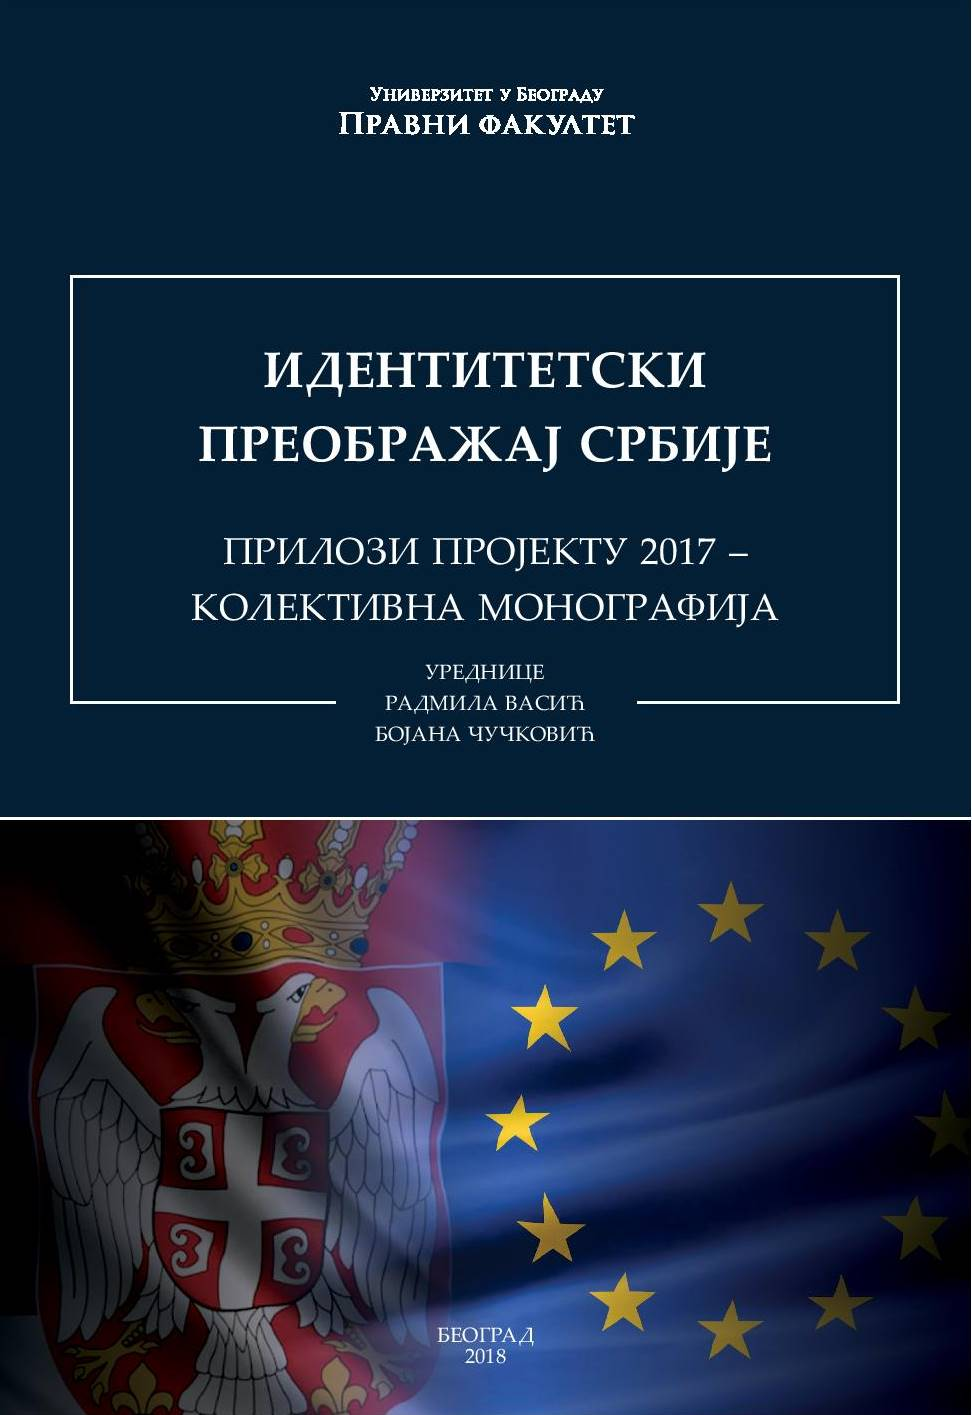 2017 – зборник радова Идентитетски преображај Србије